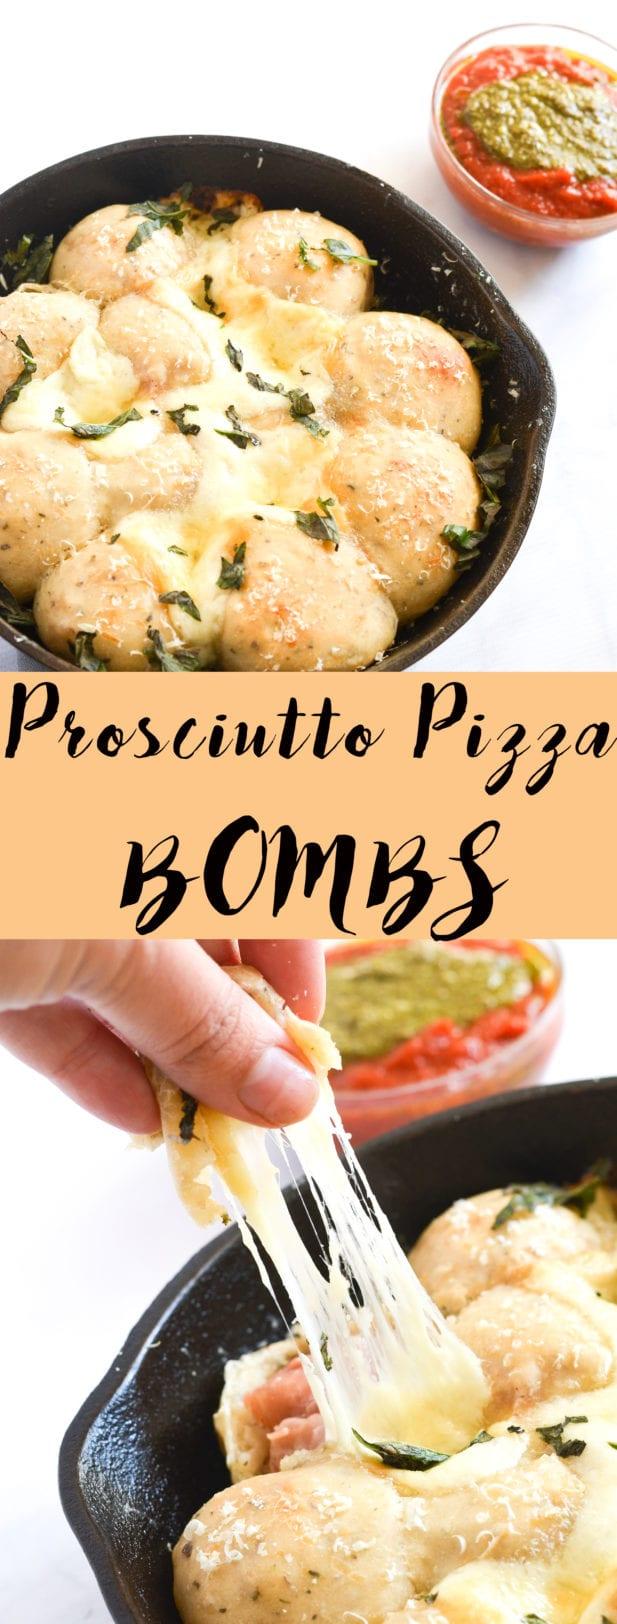 Prosciutto Pizza Bombs